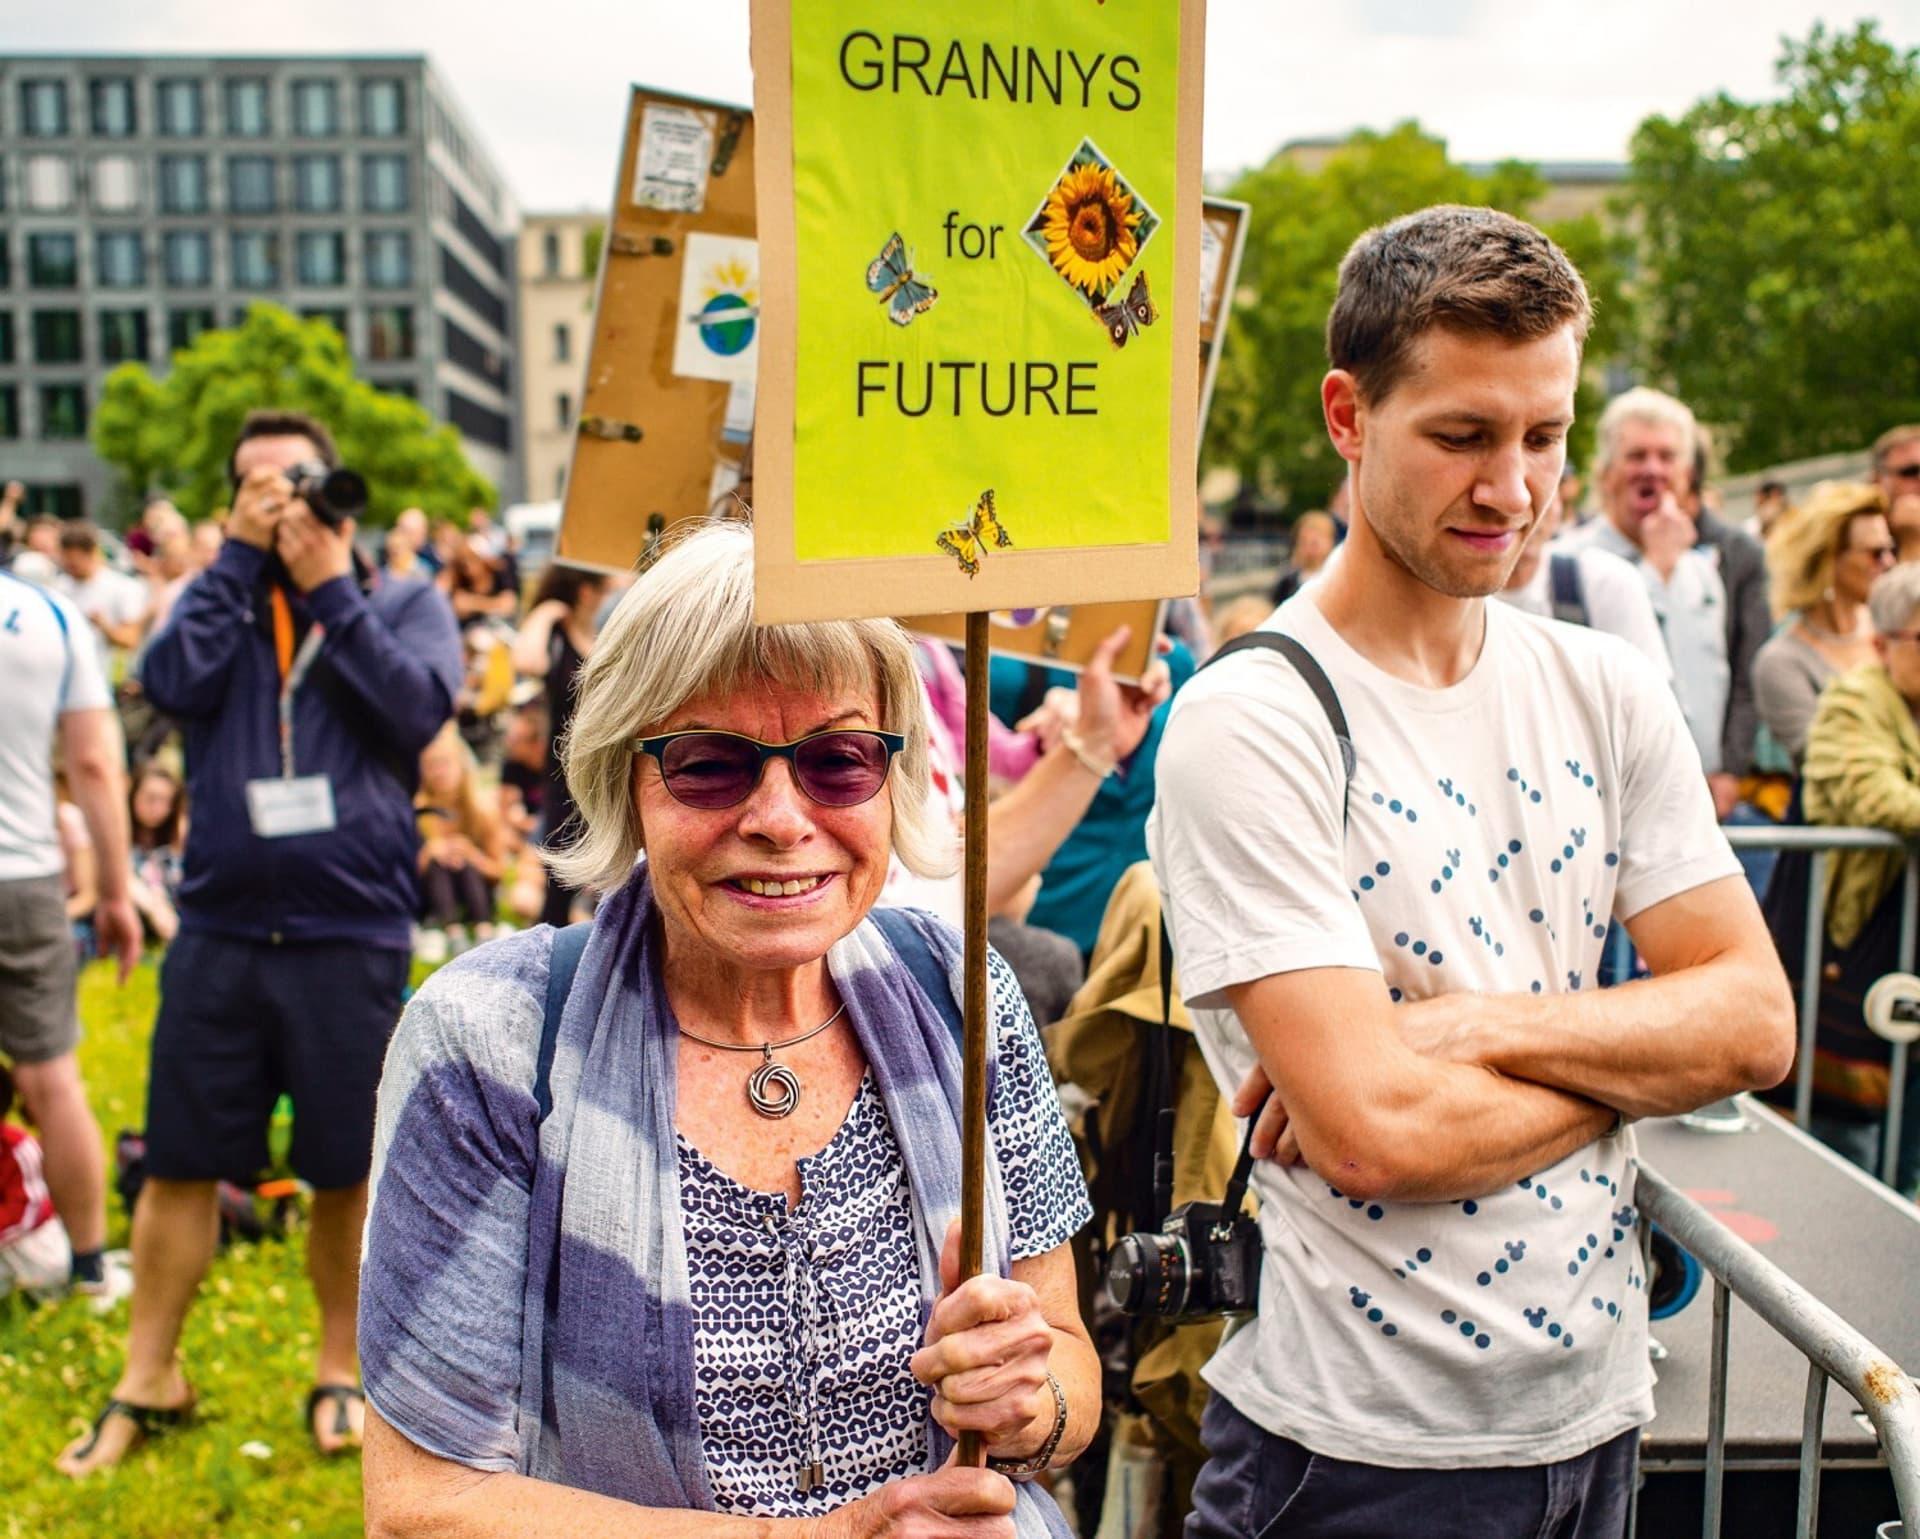 Auf dem Bild ist eine Frau mit grauen Haaren und lila Schal zu sehen, die ein Demoschild mit der Aufschrift Grannys for Future hoch hält.